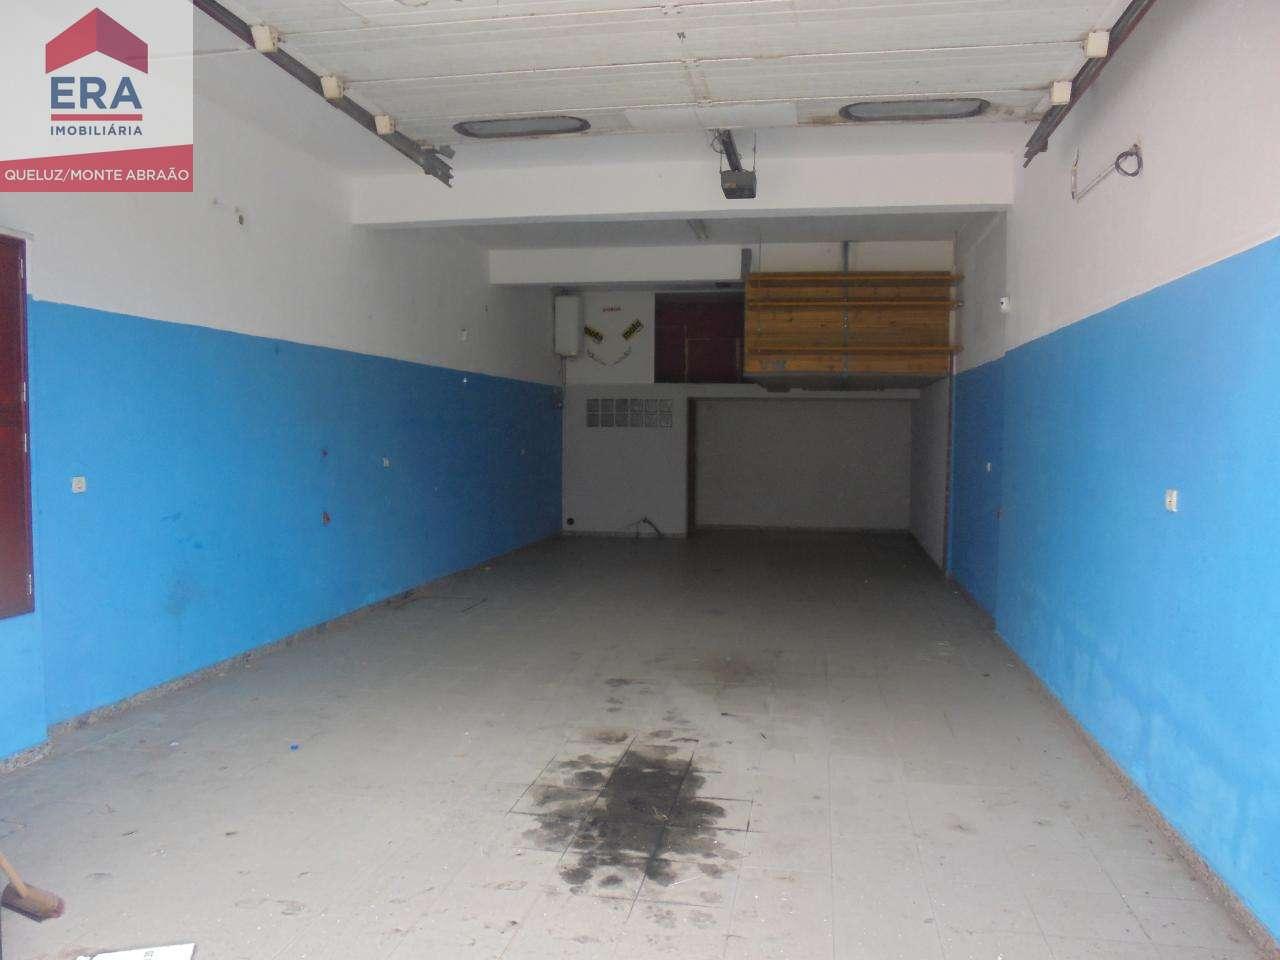 Garagem para arrendar, Queluz e Belas, Sintra, Lisboa - Foto 1